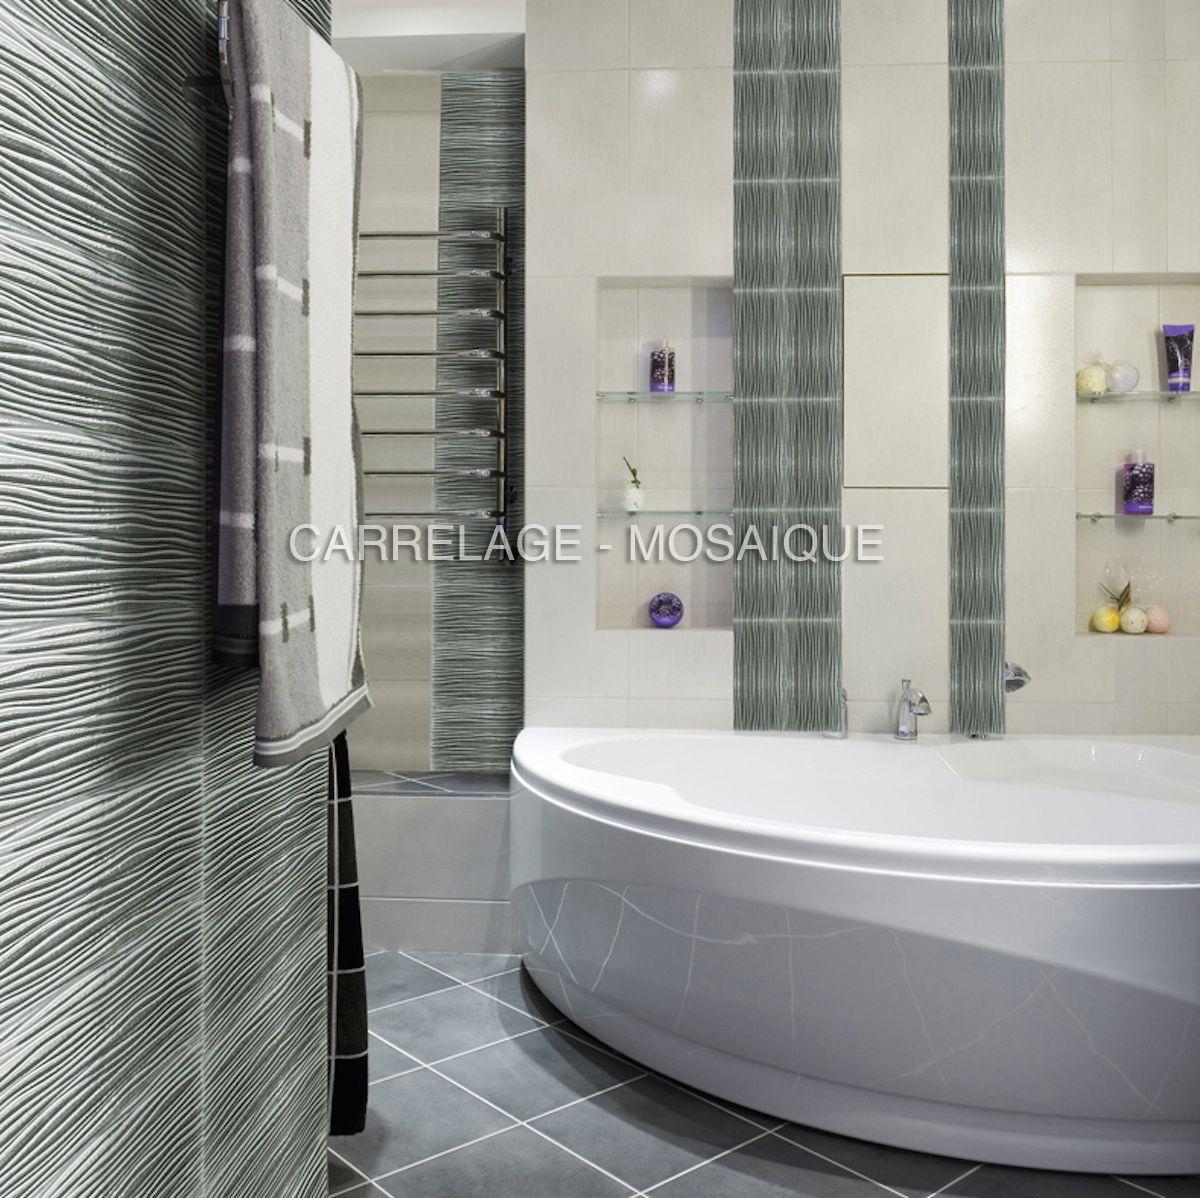 carreaux en verre effet metalise pour mur salle de bain et credence cuisine modele arco argent